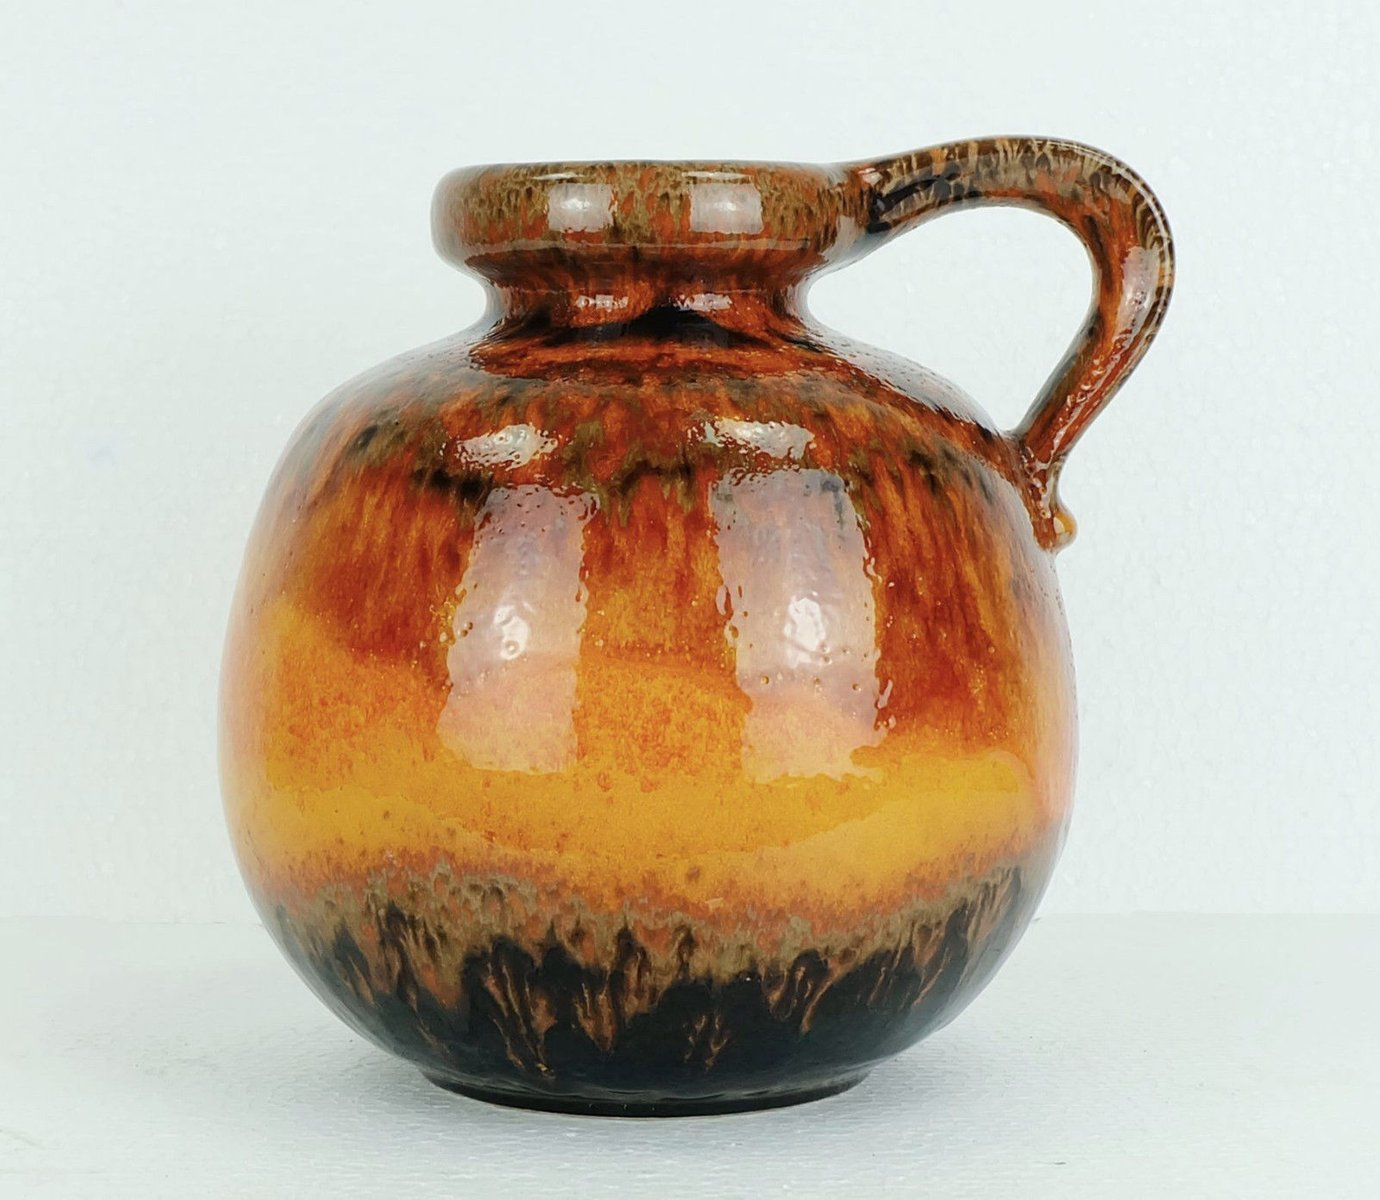 Vintage burnt orange vase from scheurich for sale at pamono for Orange vase